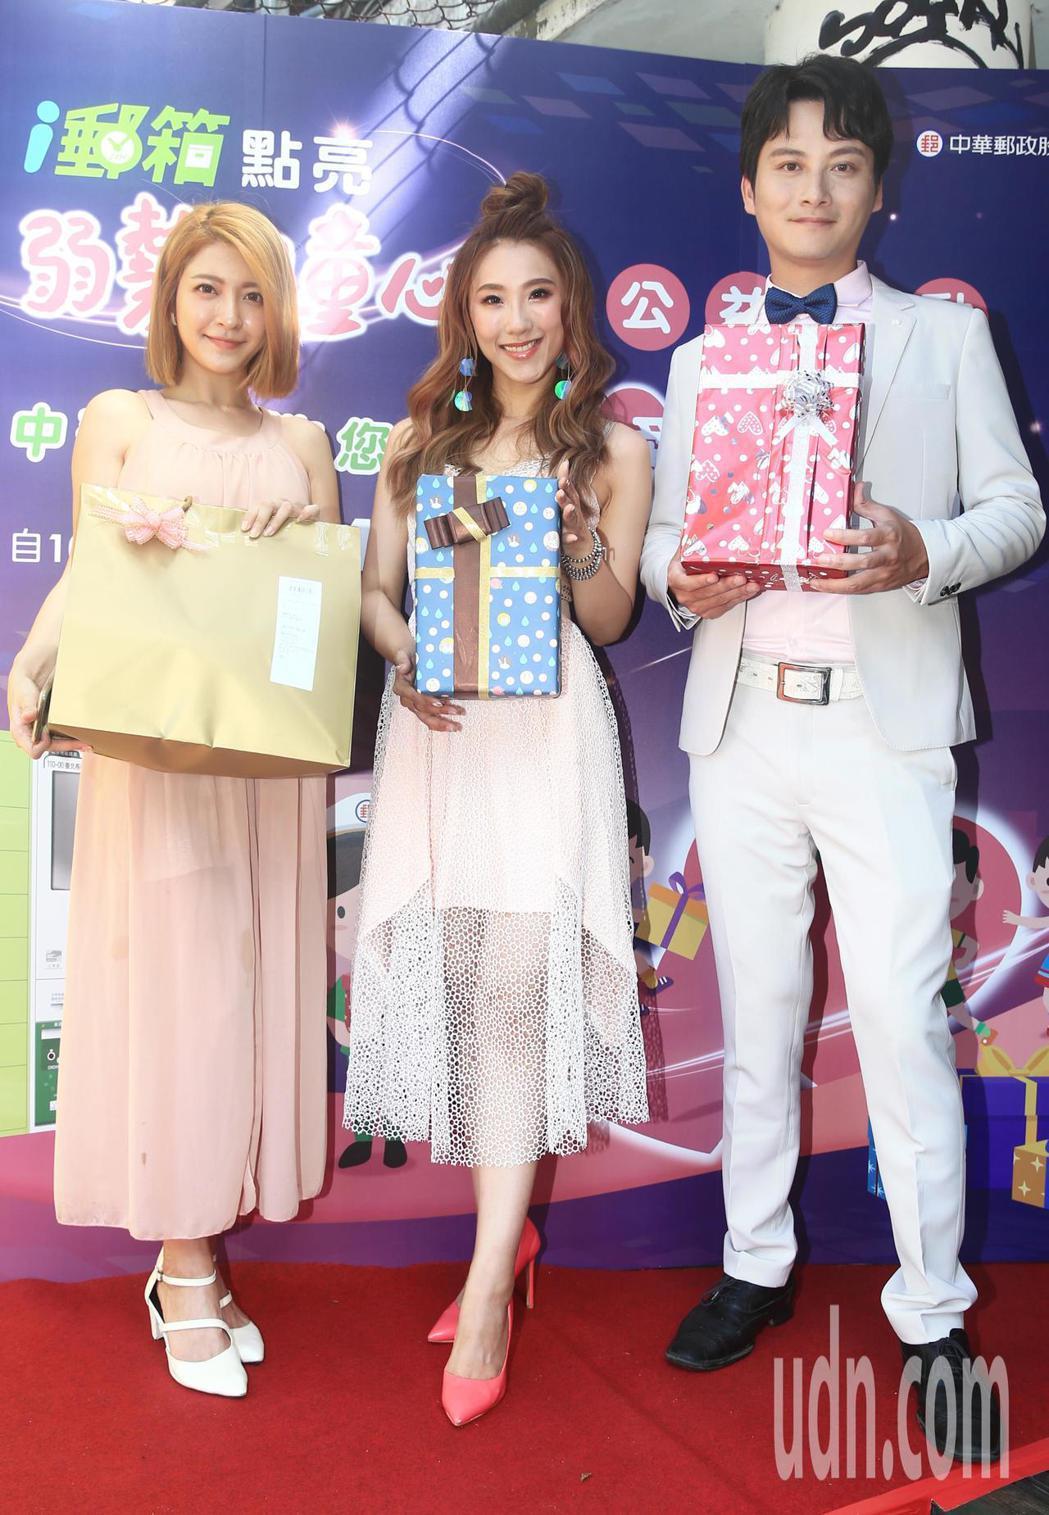 智慧城市168活動開跑媒體座談會記者會下午在台北電影公園舉行,藝人謝金晶(中)、